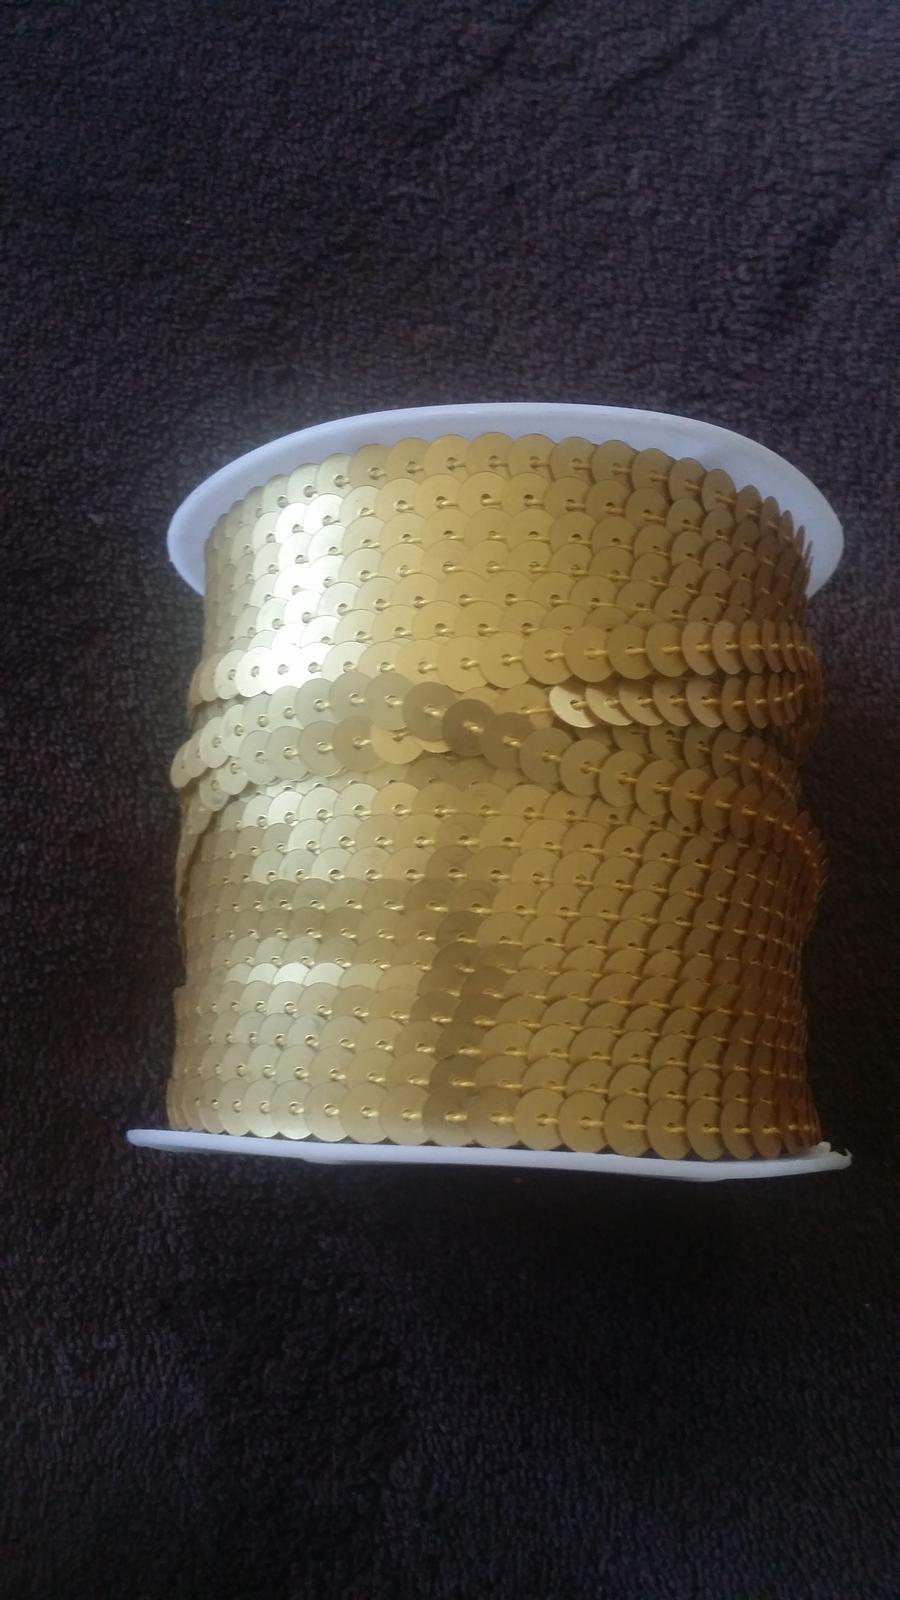 zlate flitre na snurke - Obrázok č. 1